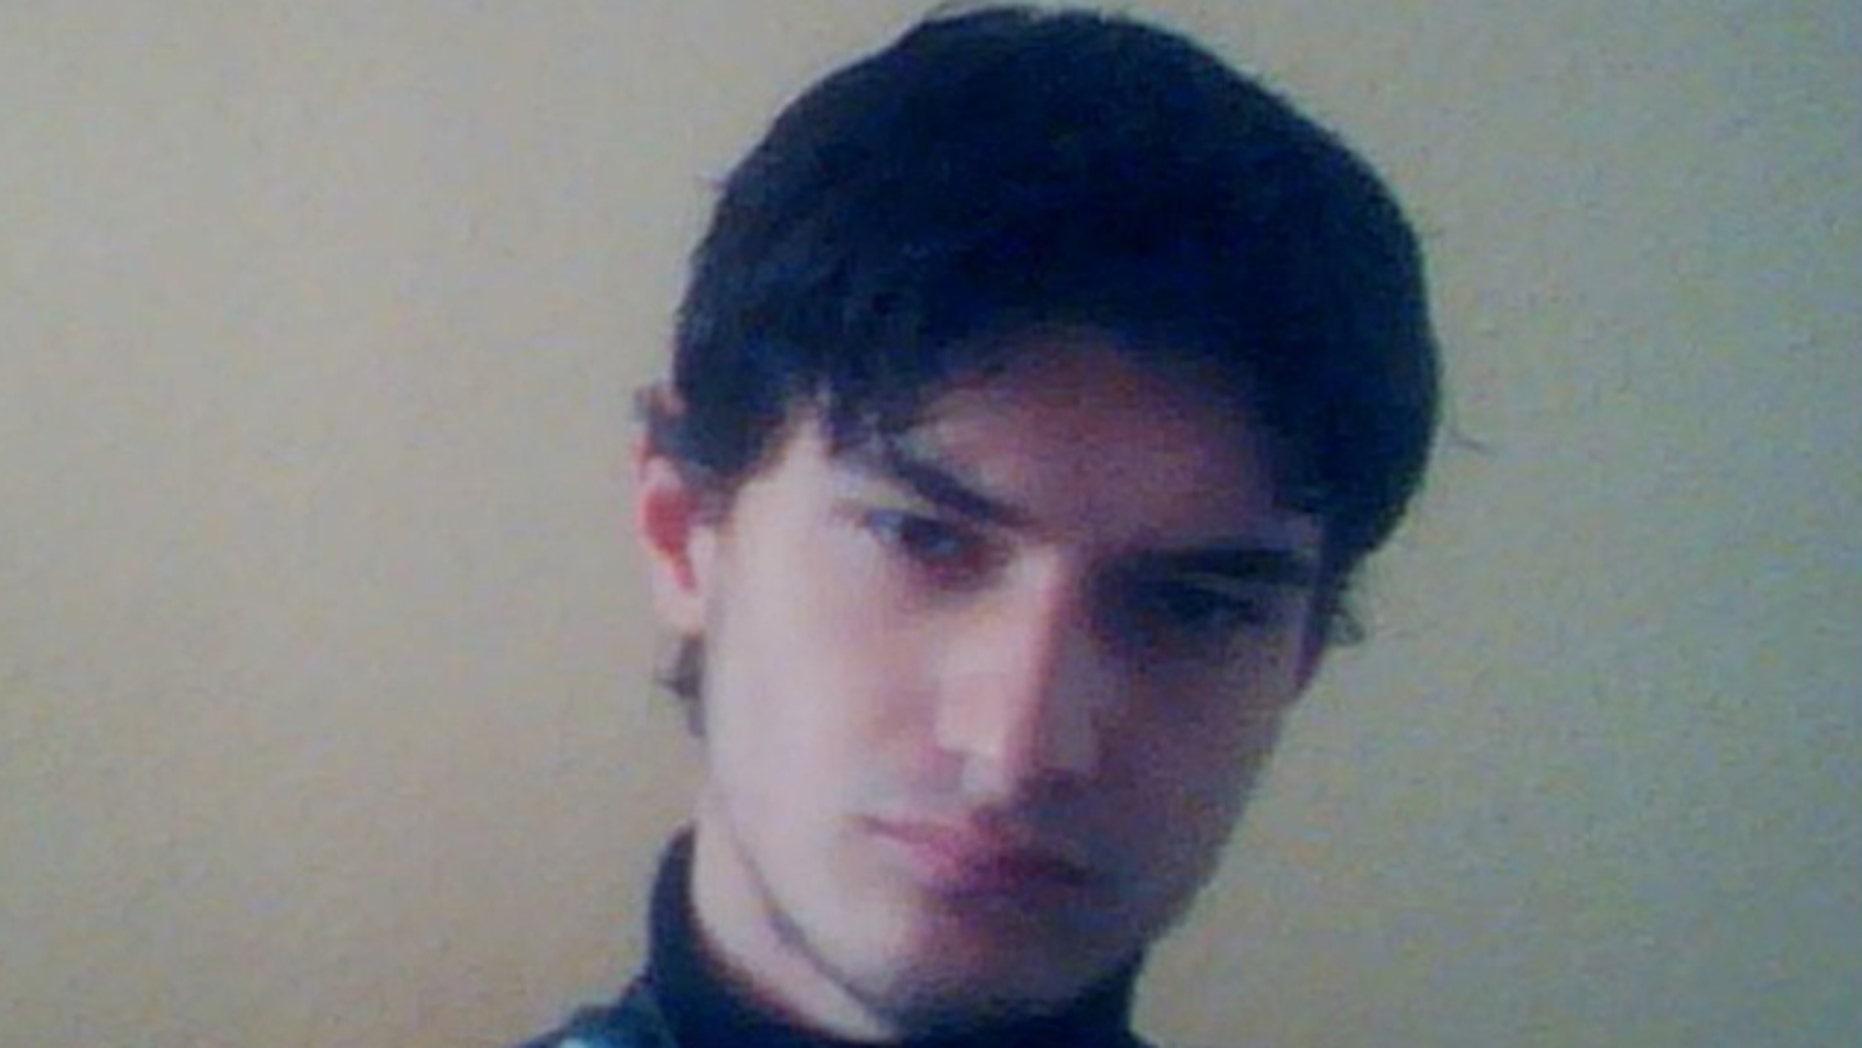 Photo of suspect Arif Uka.